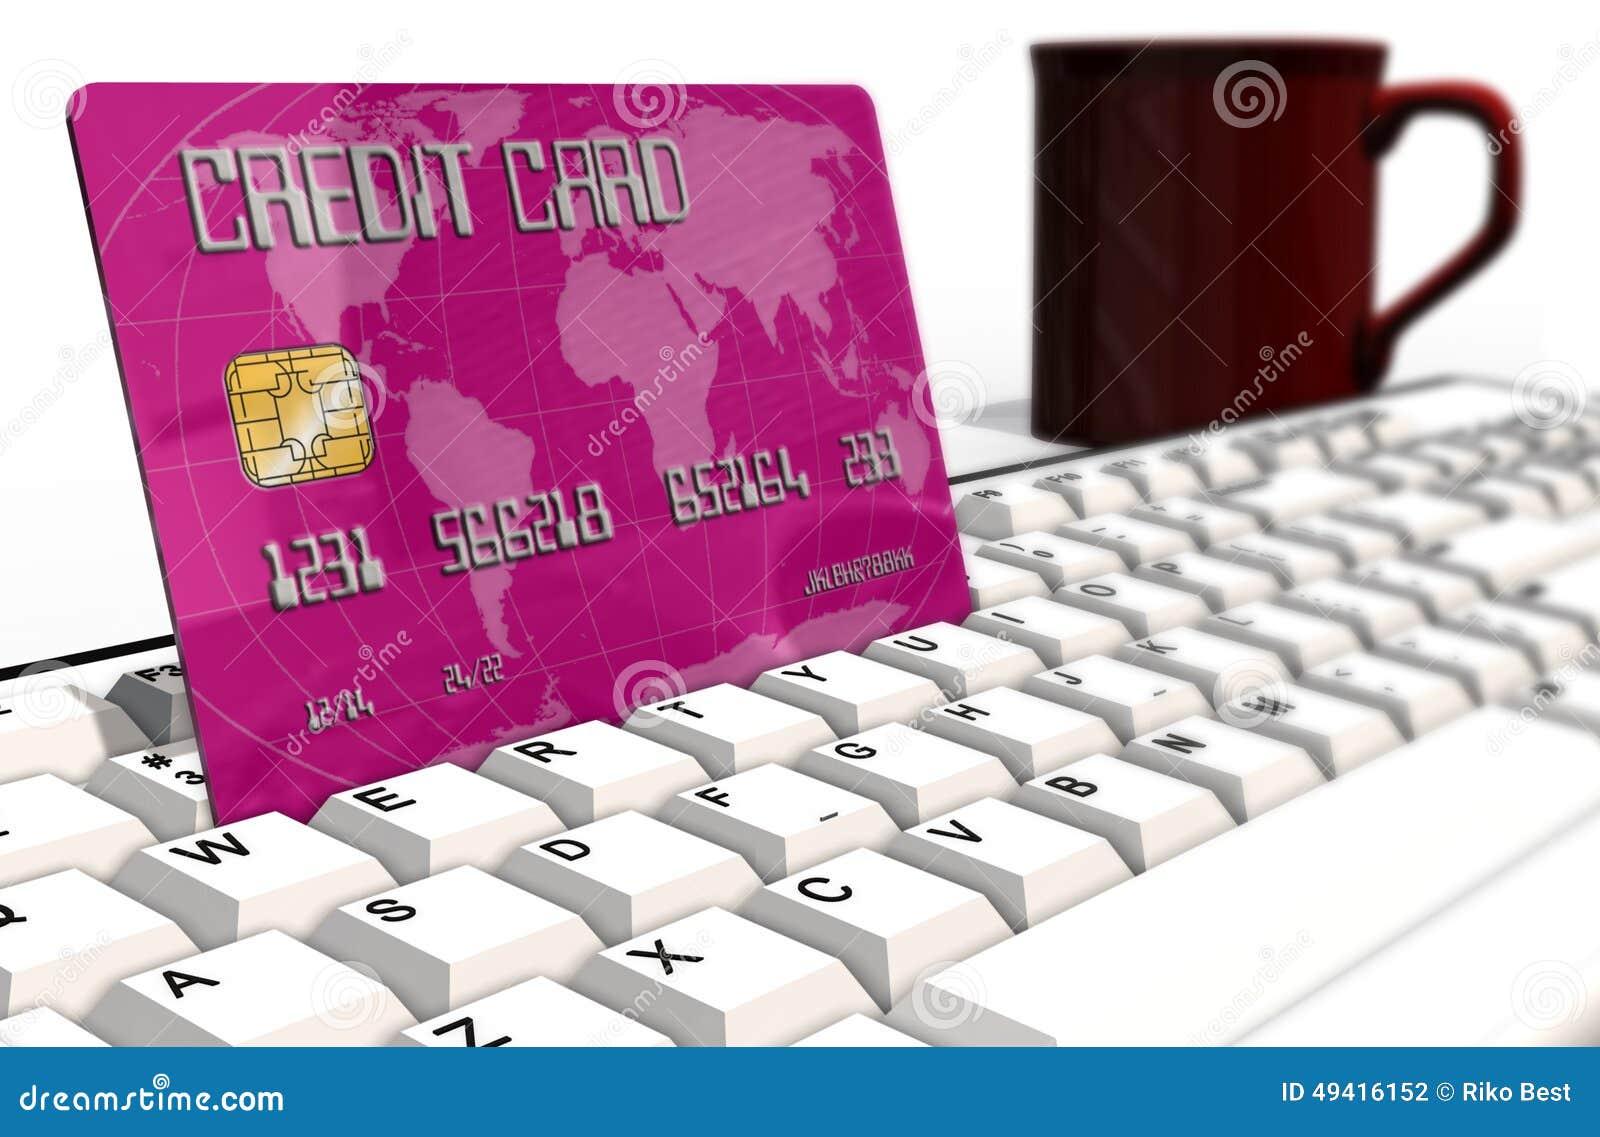 Download Kreditkarte Auf Computertastaturnahaufnahme Stock Abbildung - Illustration von geschäft, bezahlung: 49416152